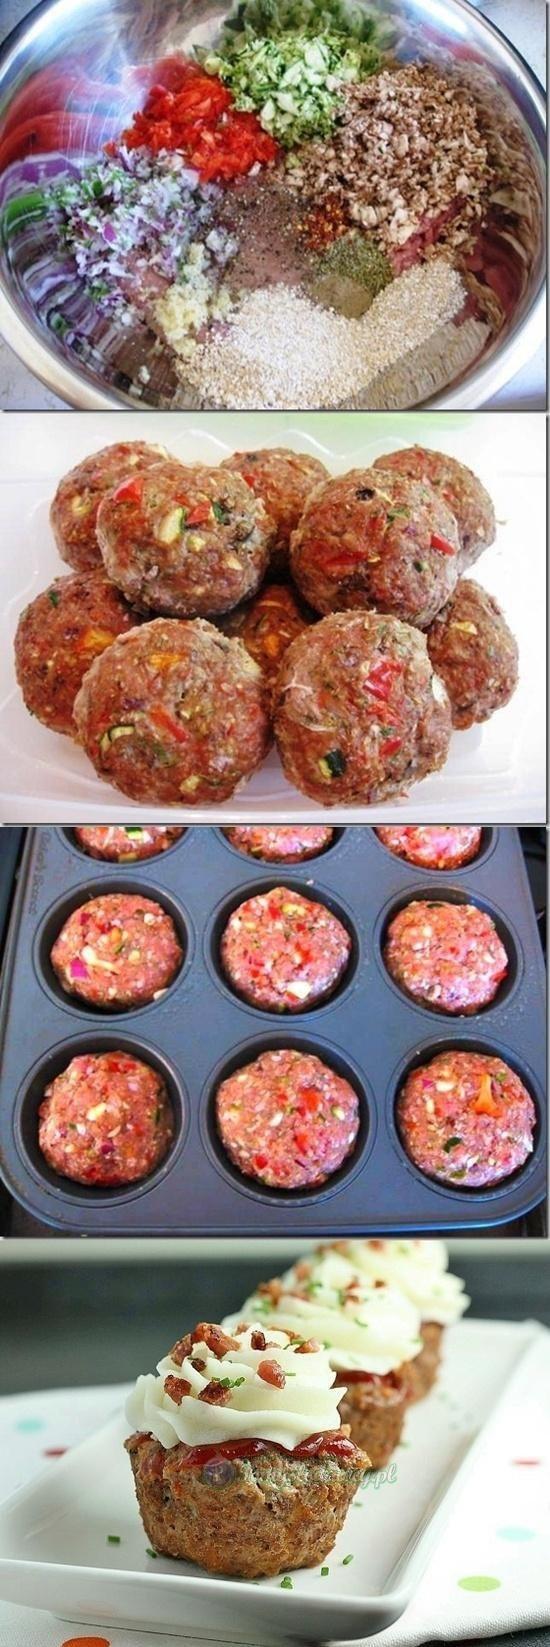 Muffinki z mięsa mielonego Składniki 1 cebula 6 kapeluszy z pieczarek 3 paski suszonych pomidorów 1 łyżka margaryny 1 jajko 5 łyżek bułki tartej 6 łyżek mleka 300 g mięsa mielonego z łopatki 1 łyżeczka soli 1 łyżeczka pieprzu 1/2 łyżeczki słodkiej papryki w proszku  Do miseczki wsypać 3 łyżki bułki tartej i zalać 6 łyżkami mleka i pozostawić aż mleko całkowicie wchłonie się w bułkę. Cebulkę drobno pokroić i wrzucić na roztopioną margarynę i delikatnie zrumienić. Kapelusze pieczarek obrać ze skórki i pokroić w pół plasterki. Dodać do cebuli. Smażyć razem do momentu,aż pieczarki delikatnie zbrązowieją. W między czasie pokroić suszone pomidory w mała kostkę. Dodać na patelnię i smażyć jeszcze przez około 2 minuty. Zdjąć z ognia. Doprawić do smaku solą,pieprzem oraz papryką. Pozostawić do ostygnięcia. Mięso przełożyć do miski,dodać namoczoną bułkę jajko i wymieszać wszystko dokładnie. Dodać zawartość patelni i ponownie dokładnie wymieszać. Jeśli masa mięsa będzie zbyt luźna dodać pozostałe 2 łyżki bułki tartej. Po raz ostatni wymieszać. Do foremki na muffinki wkładać po 2-3 łyżki masy mięsnej i odstawić do lodówki na około 1,5 godziny. Piekarnik rozgrzać do 225 stopni. Wstawić mięso i zapiekać około 30-35 minut. Po 15 -20 minutach zmniejszyć temperaturę do 200 st. Upieczone babeczki delikatnie wyjąć z foremek i podawać gorące.   Na górze ziemniaki puree wyciśnięte szprycą z boczkiem i szcyporkiem